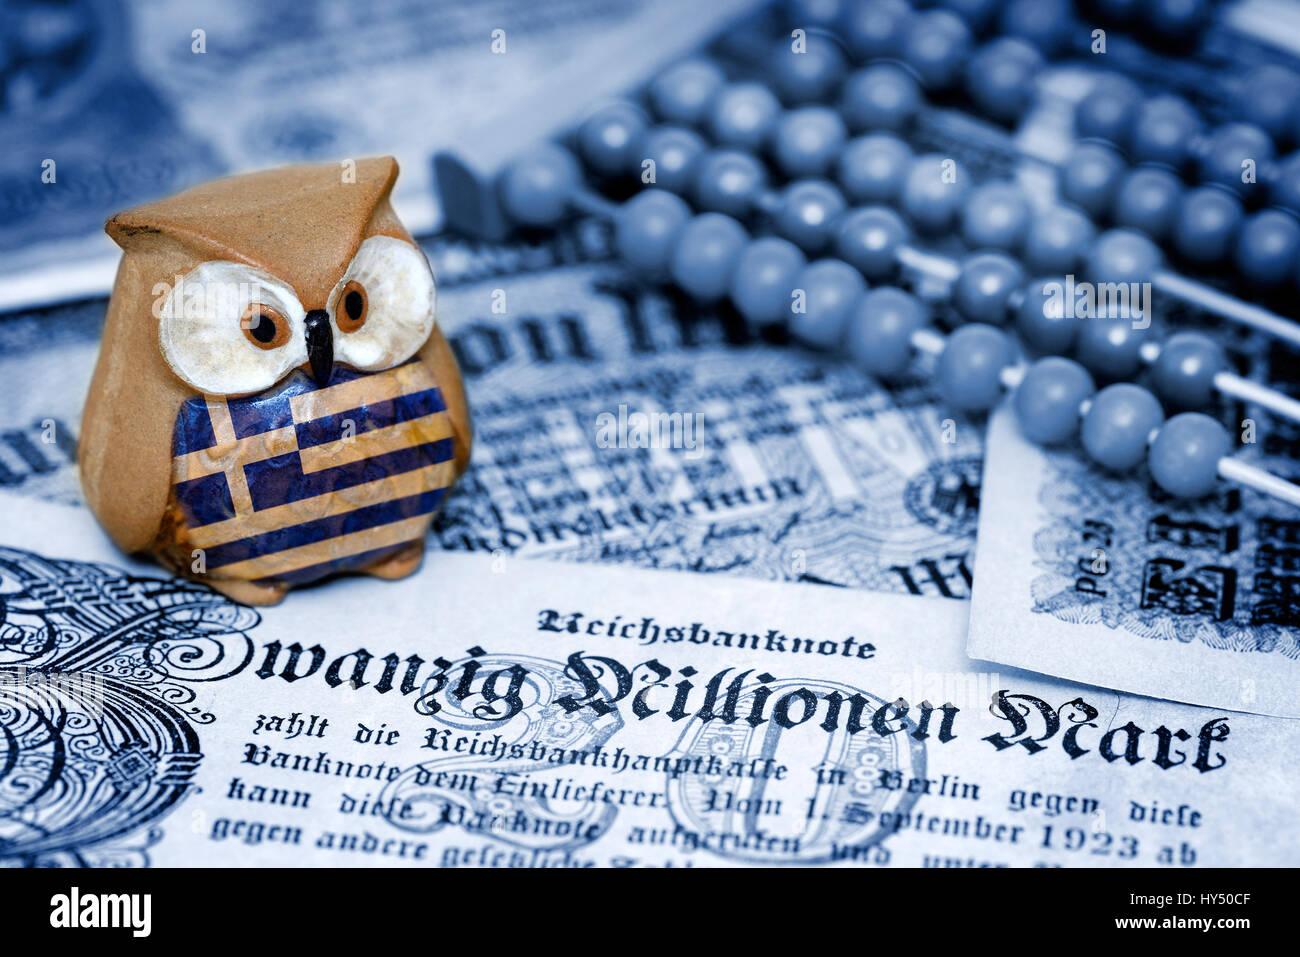 Greek owl on German inflation money, Greek Reparationsforderungen, Griechische Eule auf deutschem Inflationsgeld, - Stock Image